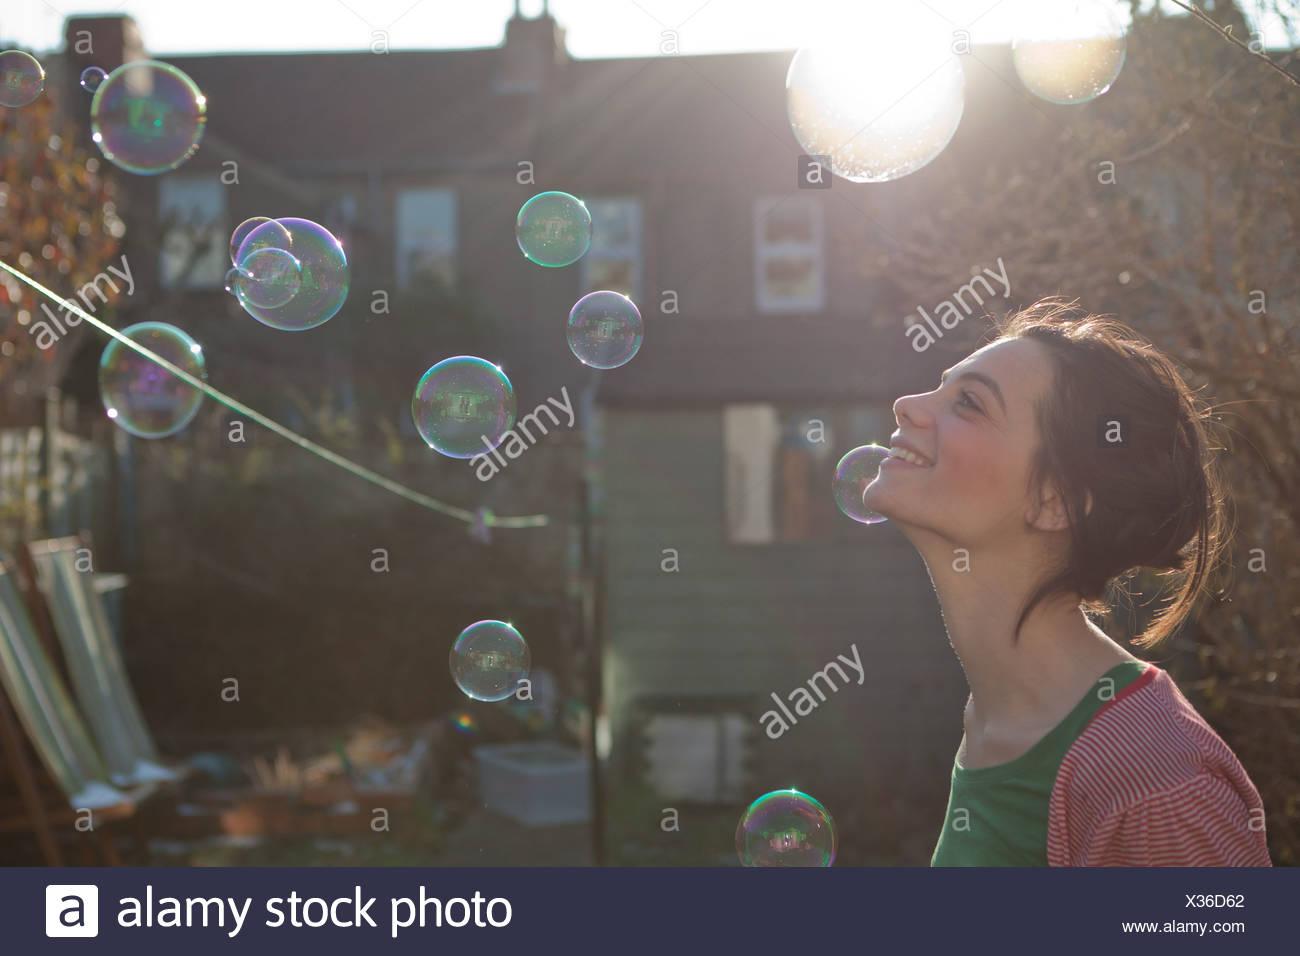 Giovane donna all'aperto con bolle galleggianti in aria Immagini Stock